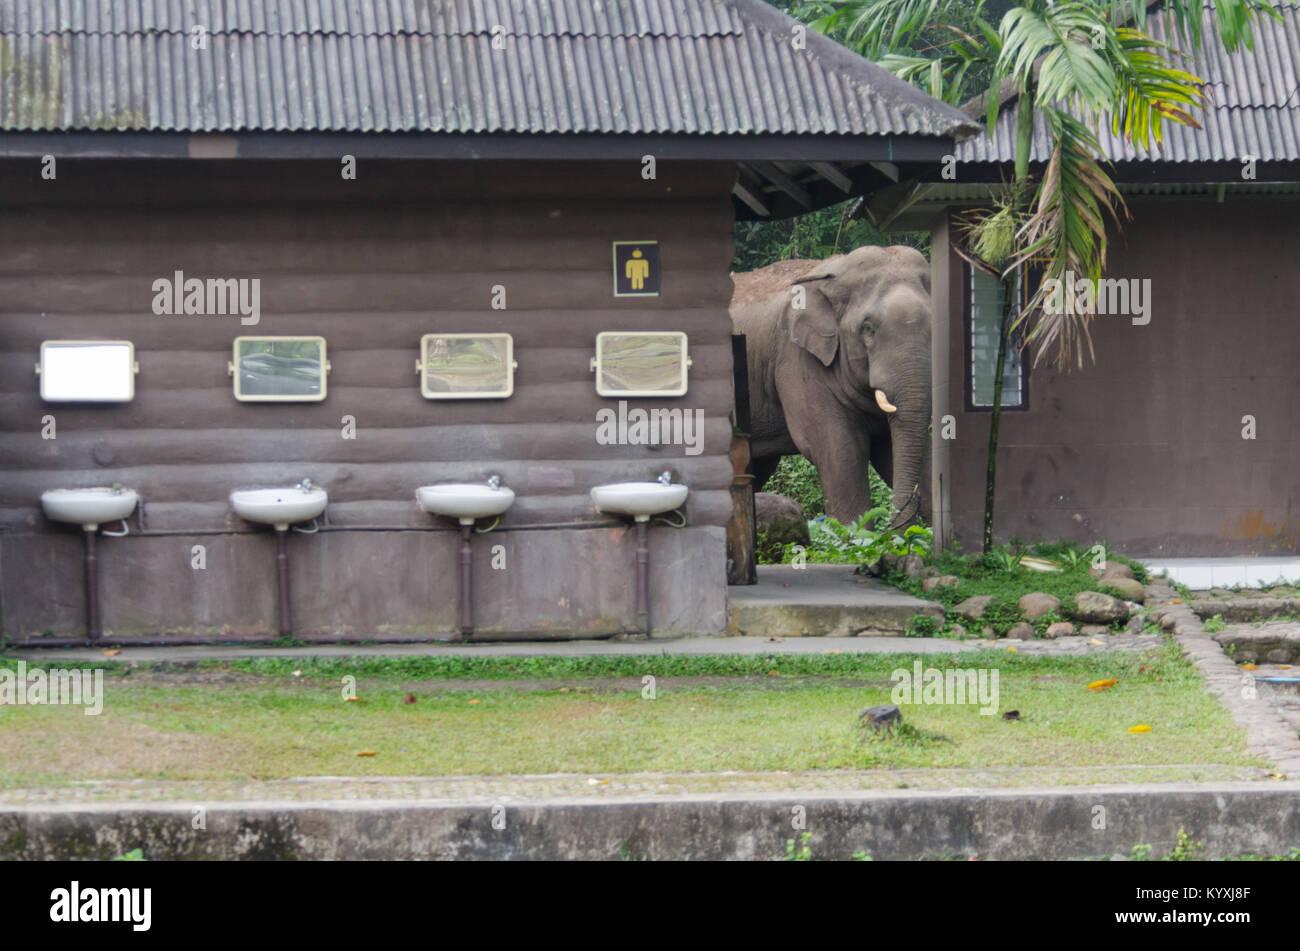 Homme sauvage d'Asie ou de l'éléphant d'Asie (Elephas maximus), la saisie d'une partie Photo Stock